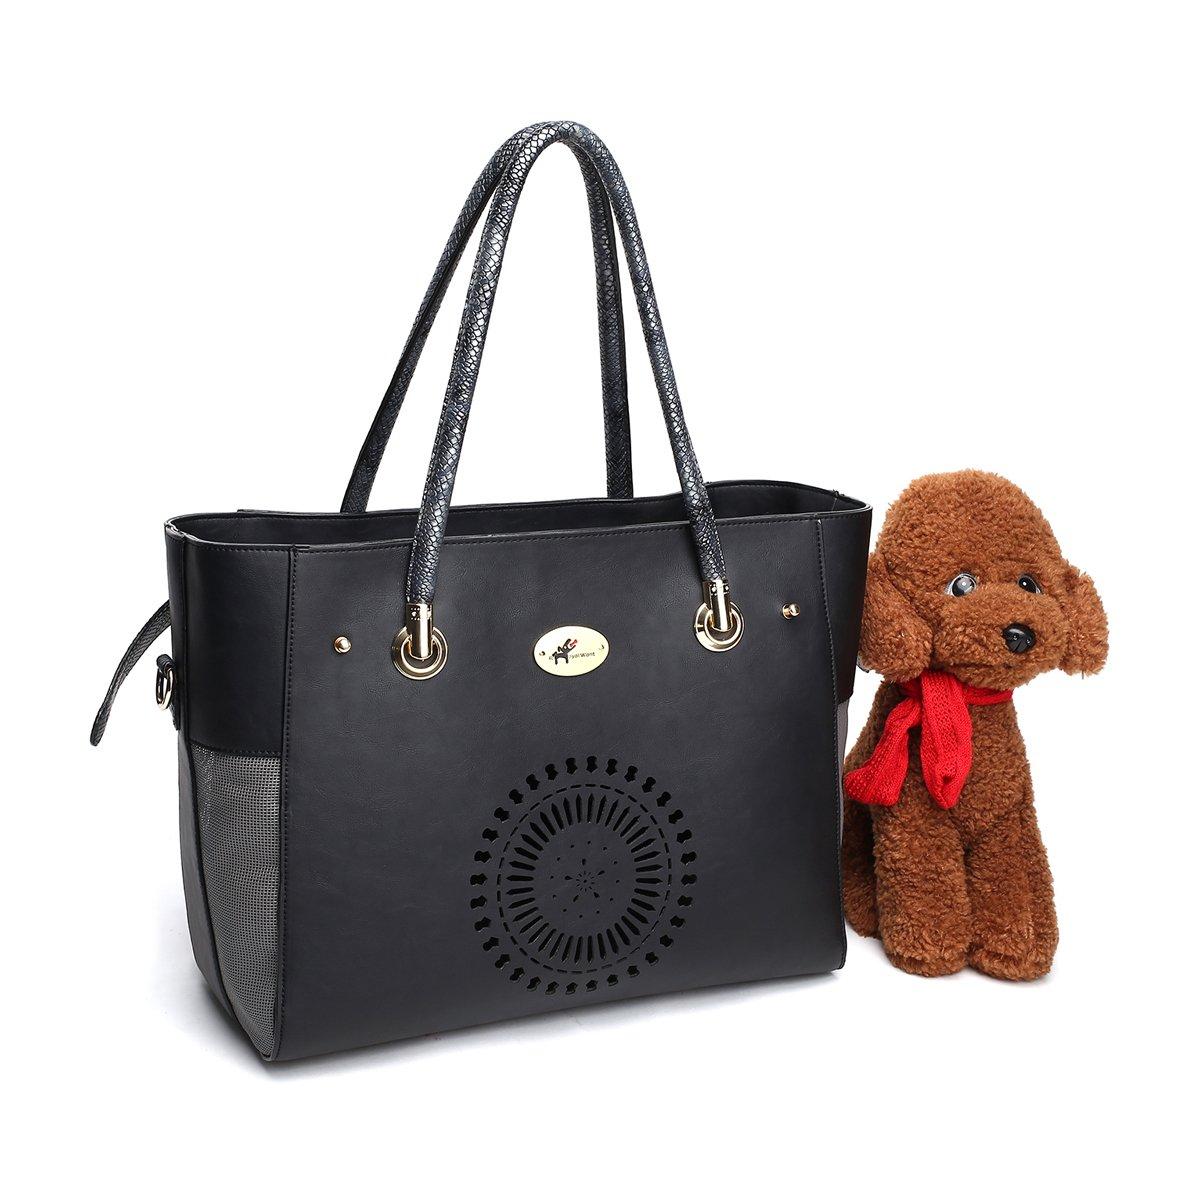 Royal Want Caisse en cuir légère de transporteur d'animal familier avec la natte démontable pour le lapin, le sac à main et le sac d'épaule de chat de chien, la mode et l'utilisable la mode et l' utilisable HaoYi